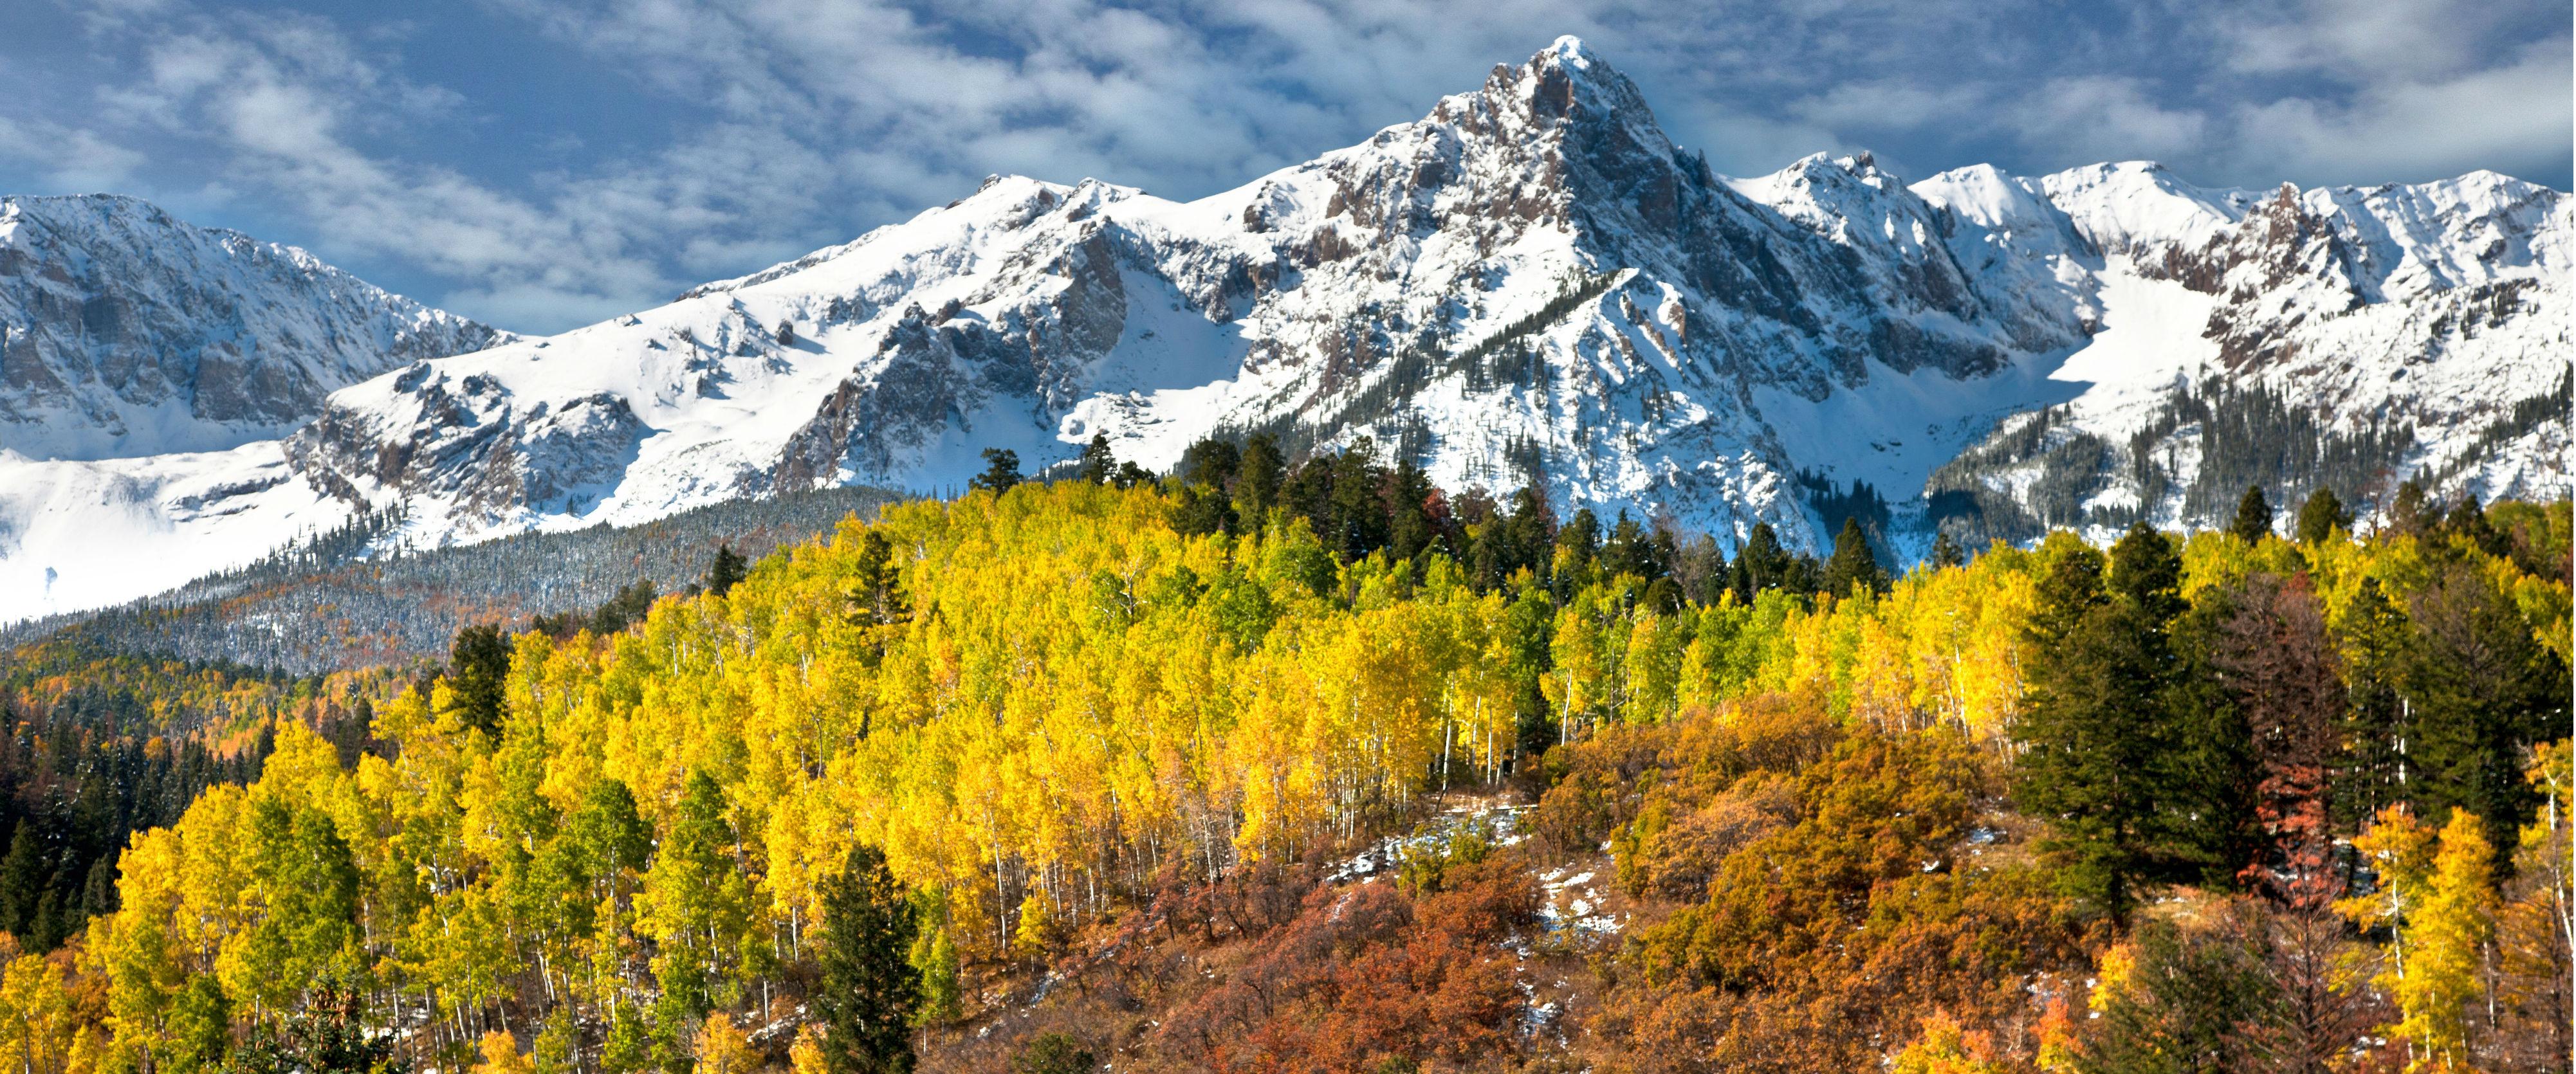 Colorado Fall Desktop Wallpaper 105 Oklahoma City To Denver Nonstop Into Ski Season